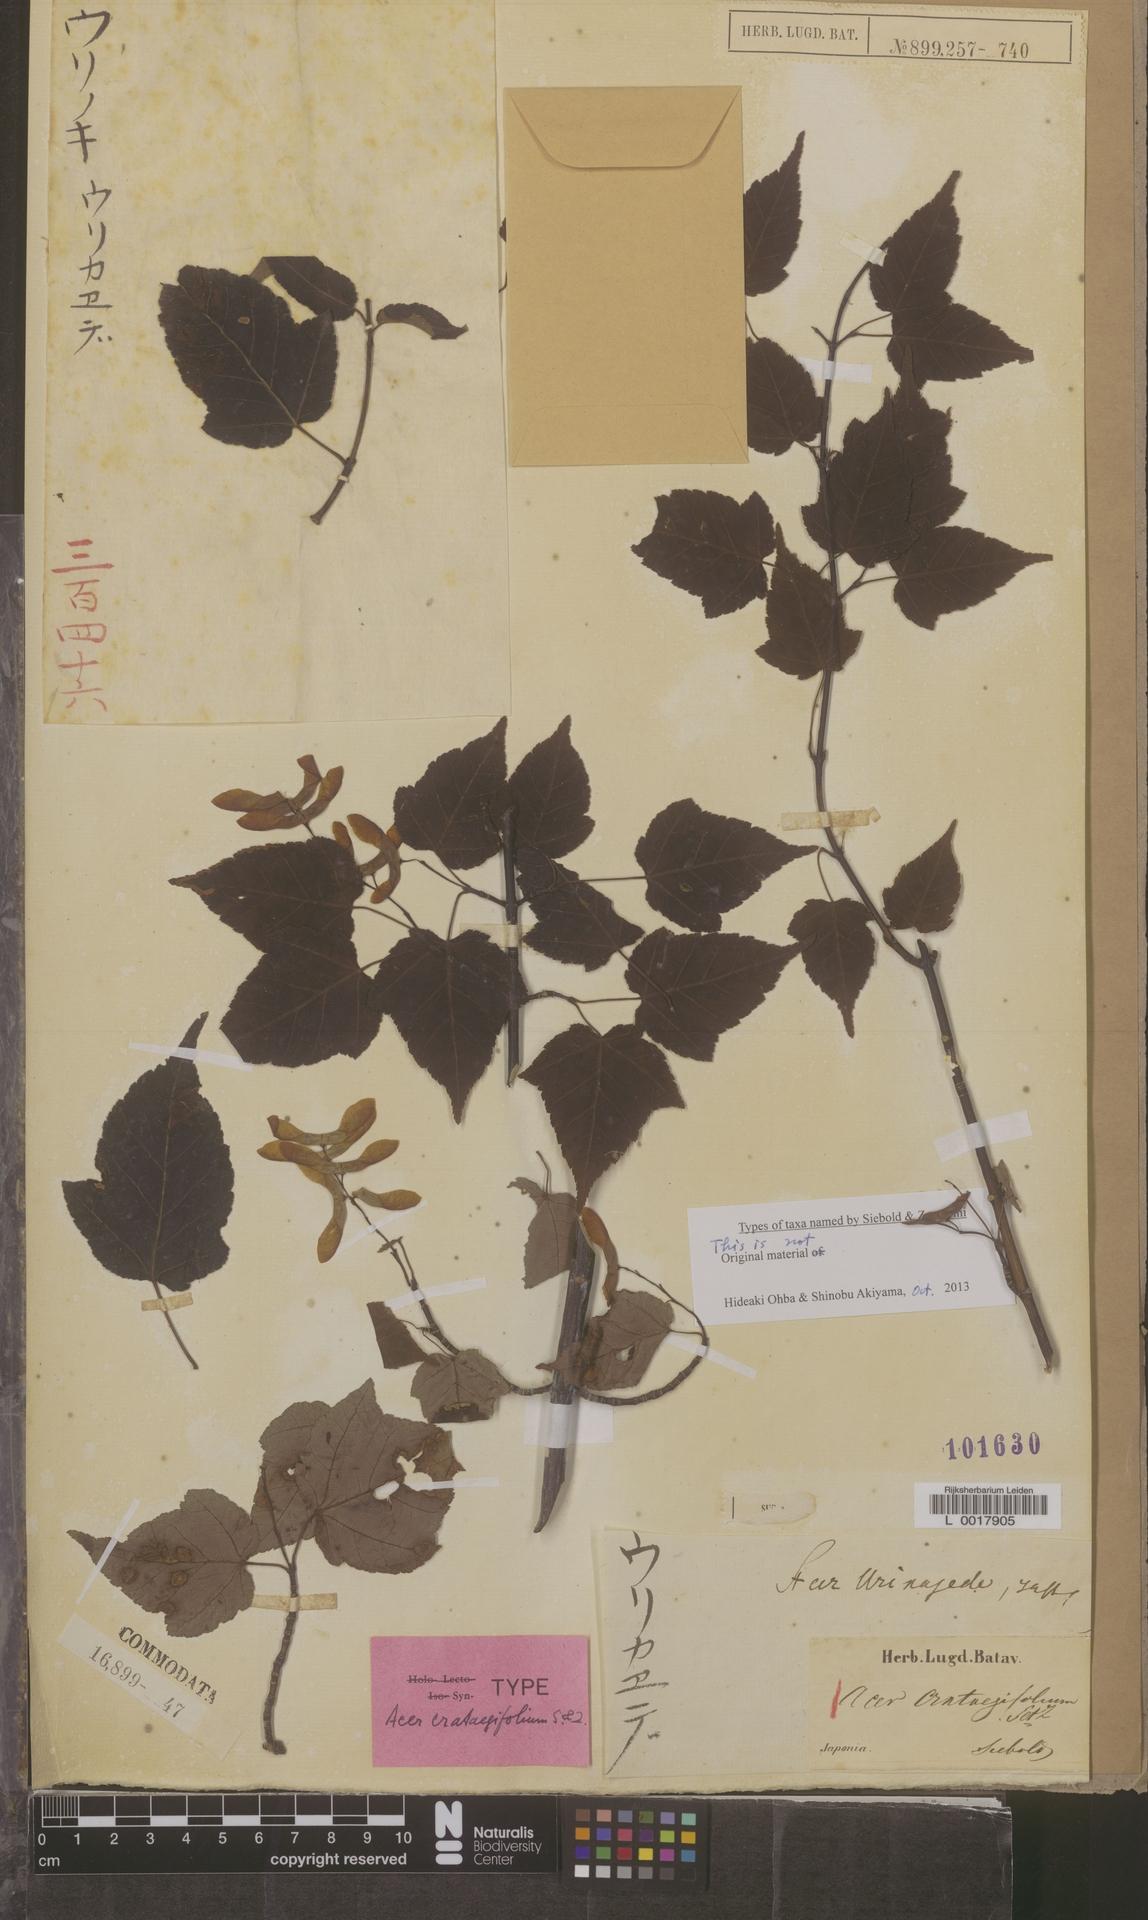 L  0017905 | Acer crataegifolium Siebold & Zucc.